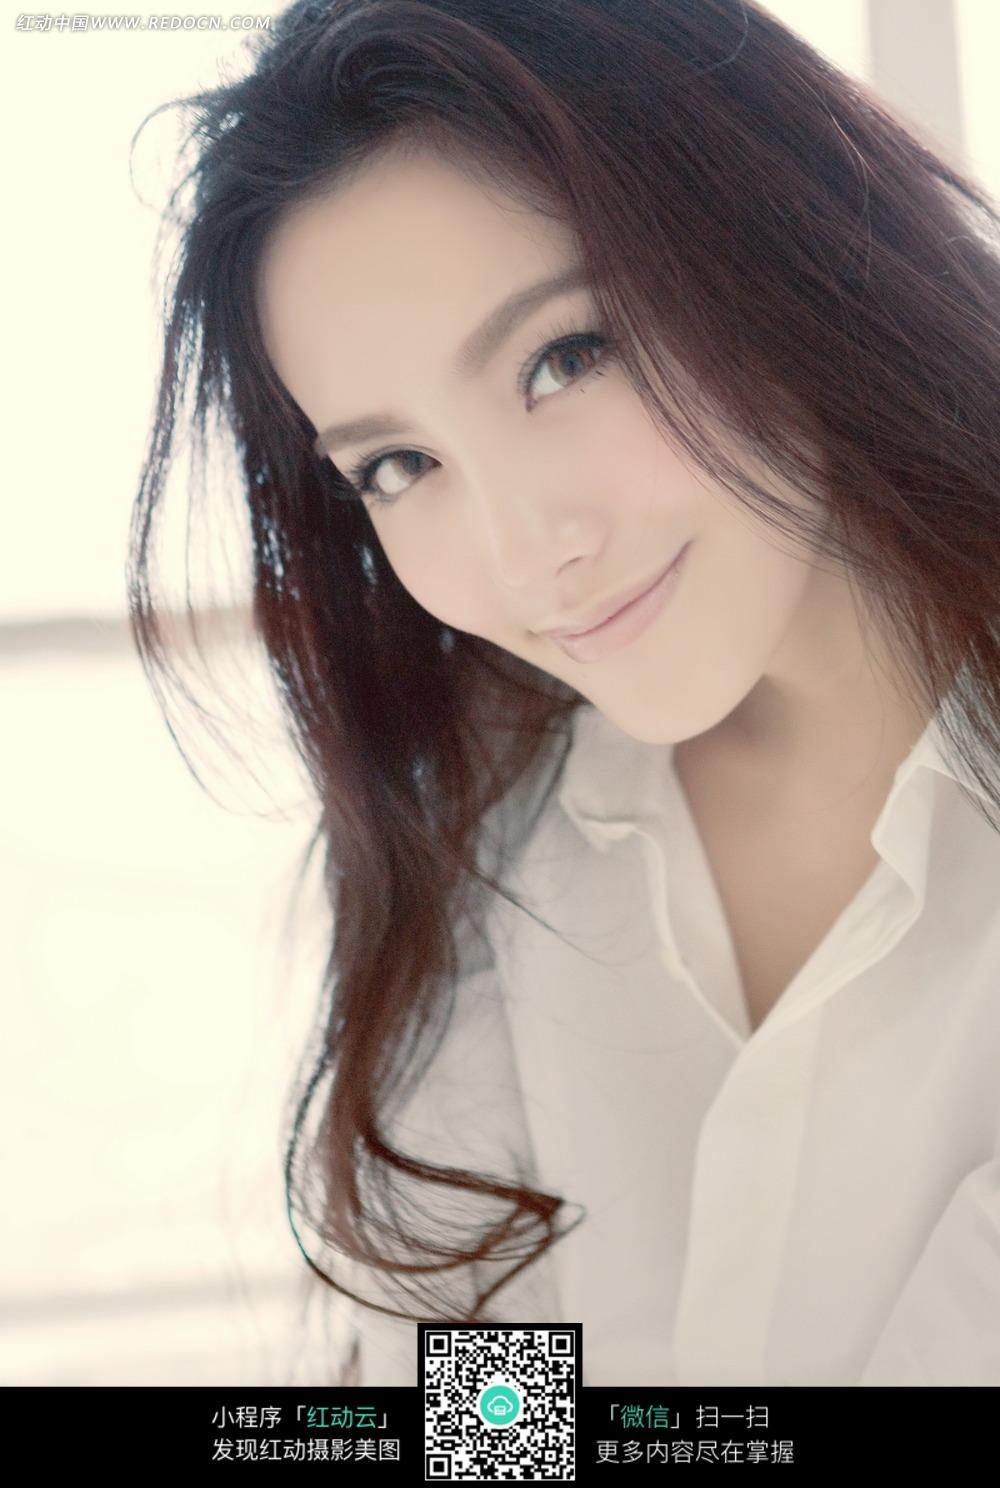 穿白衬衫的长发美女图片